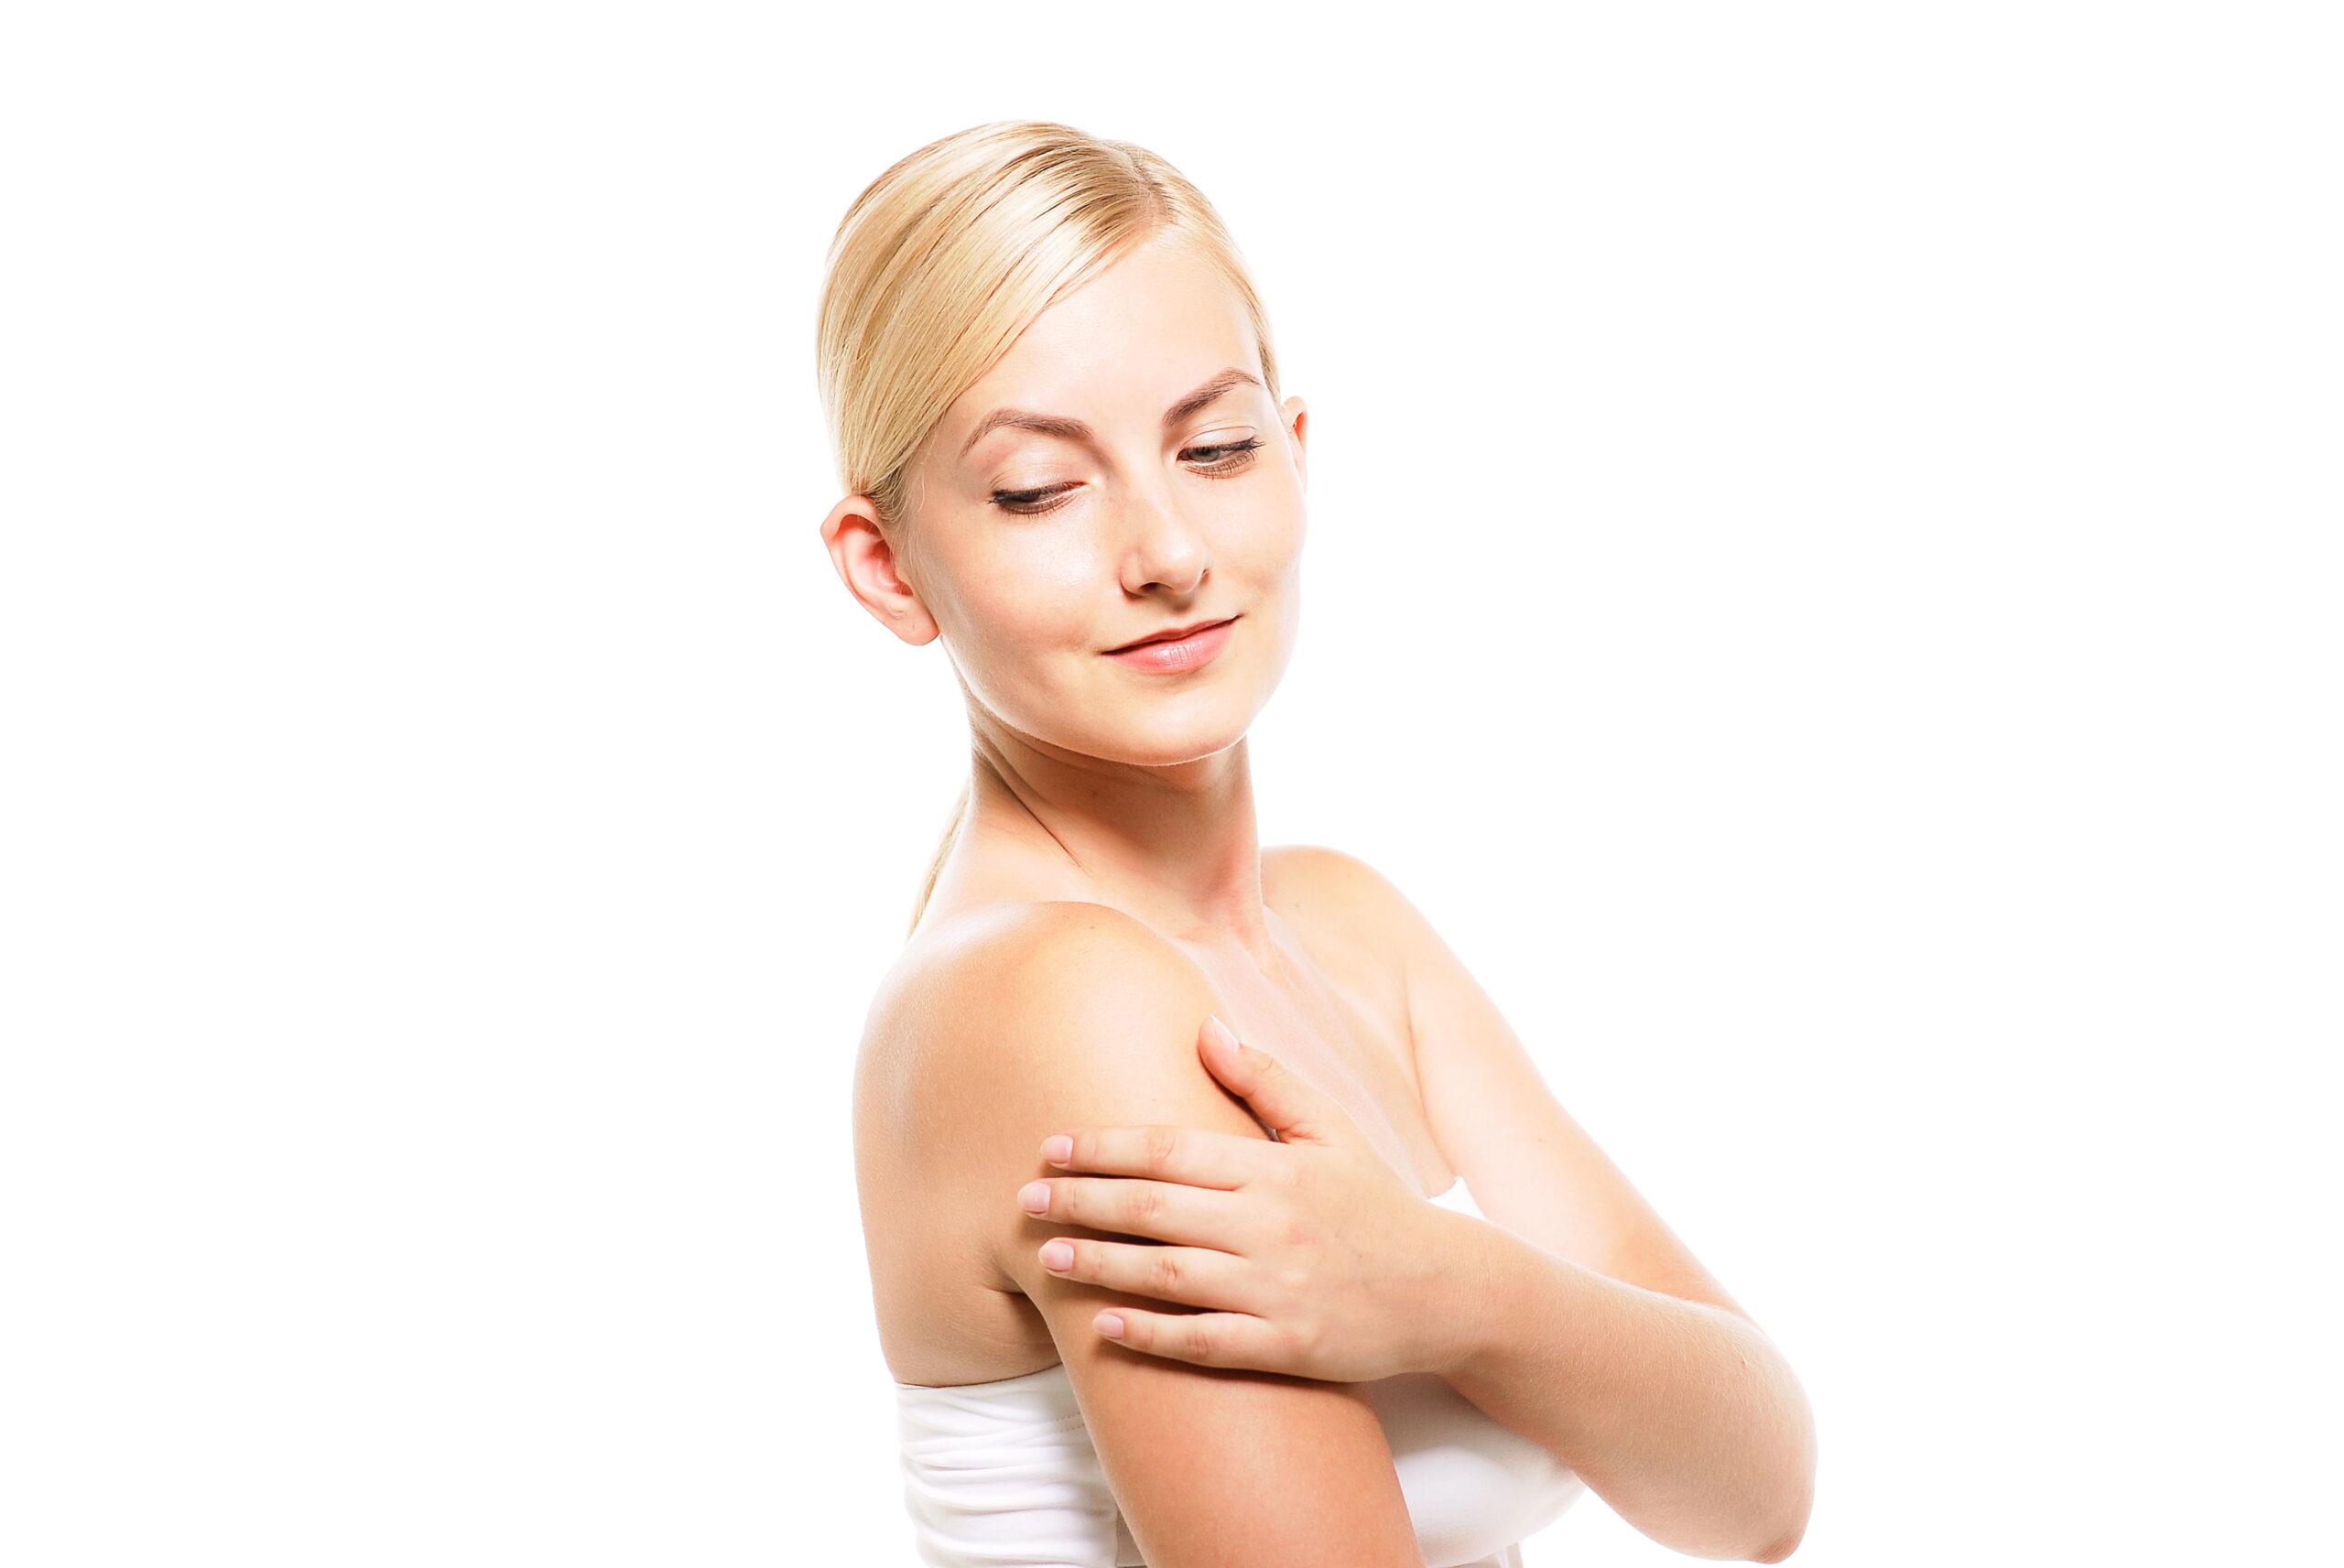 肌の具合を確認する女性